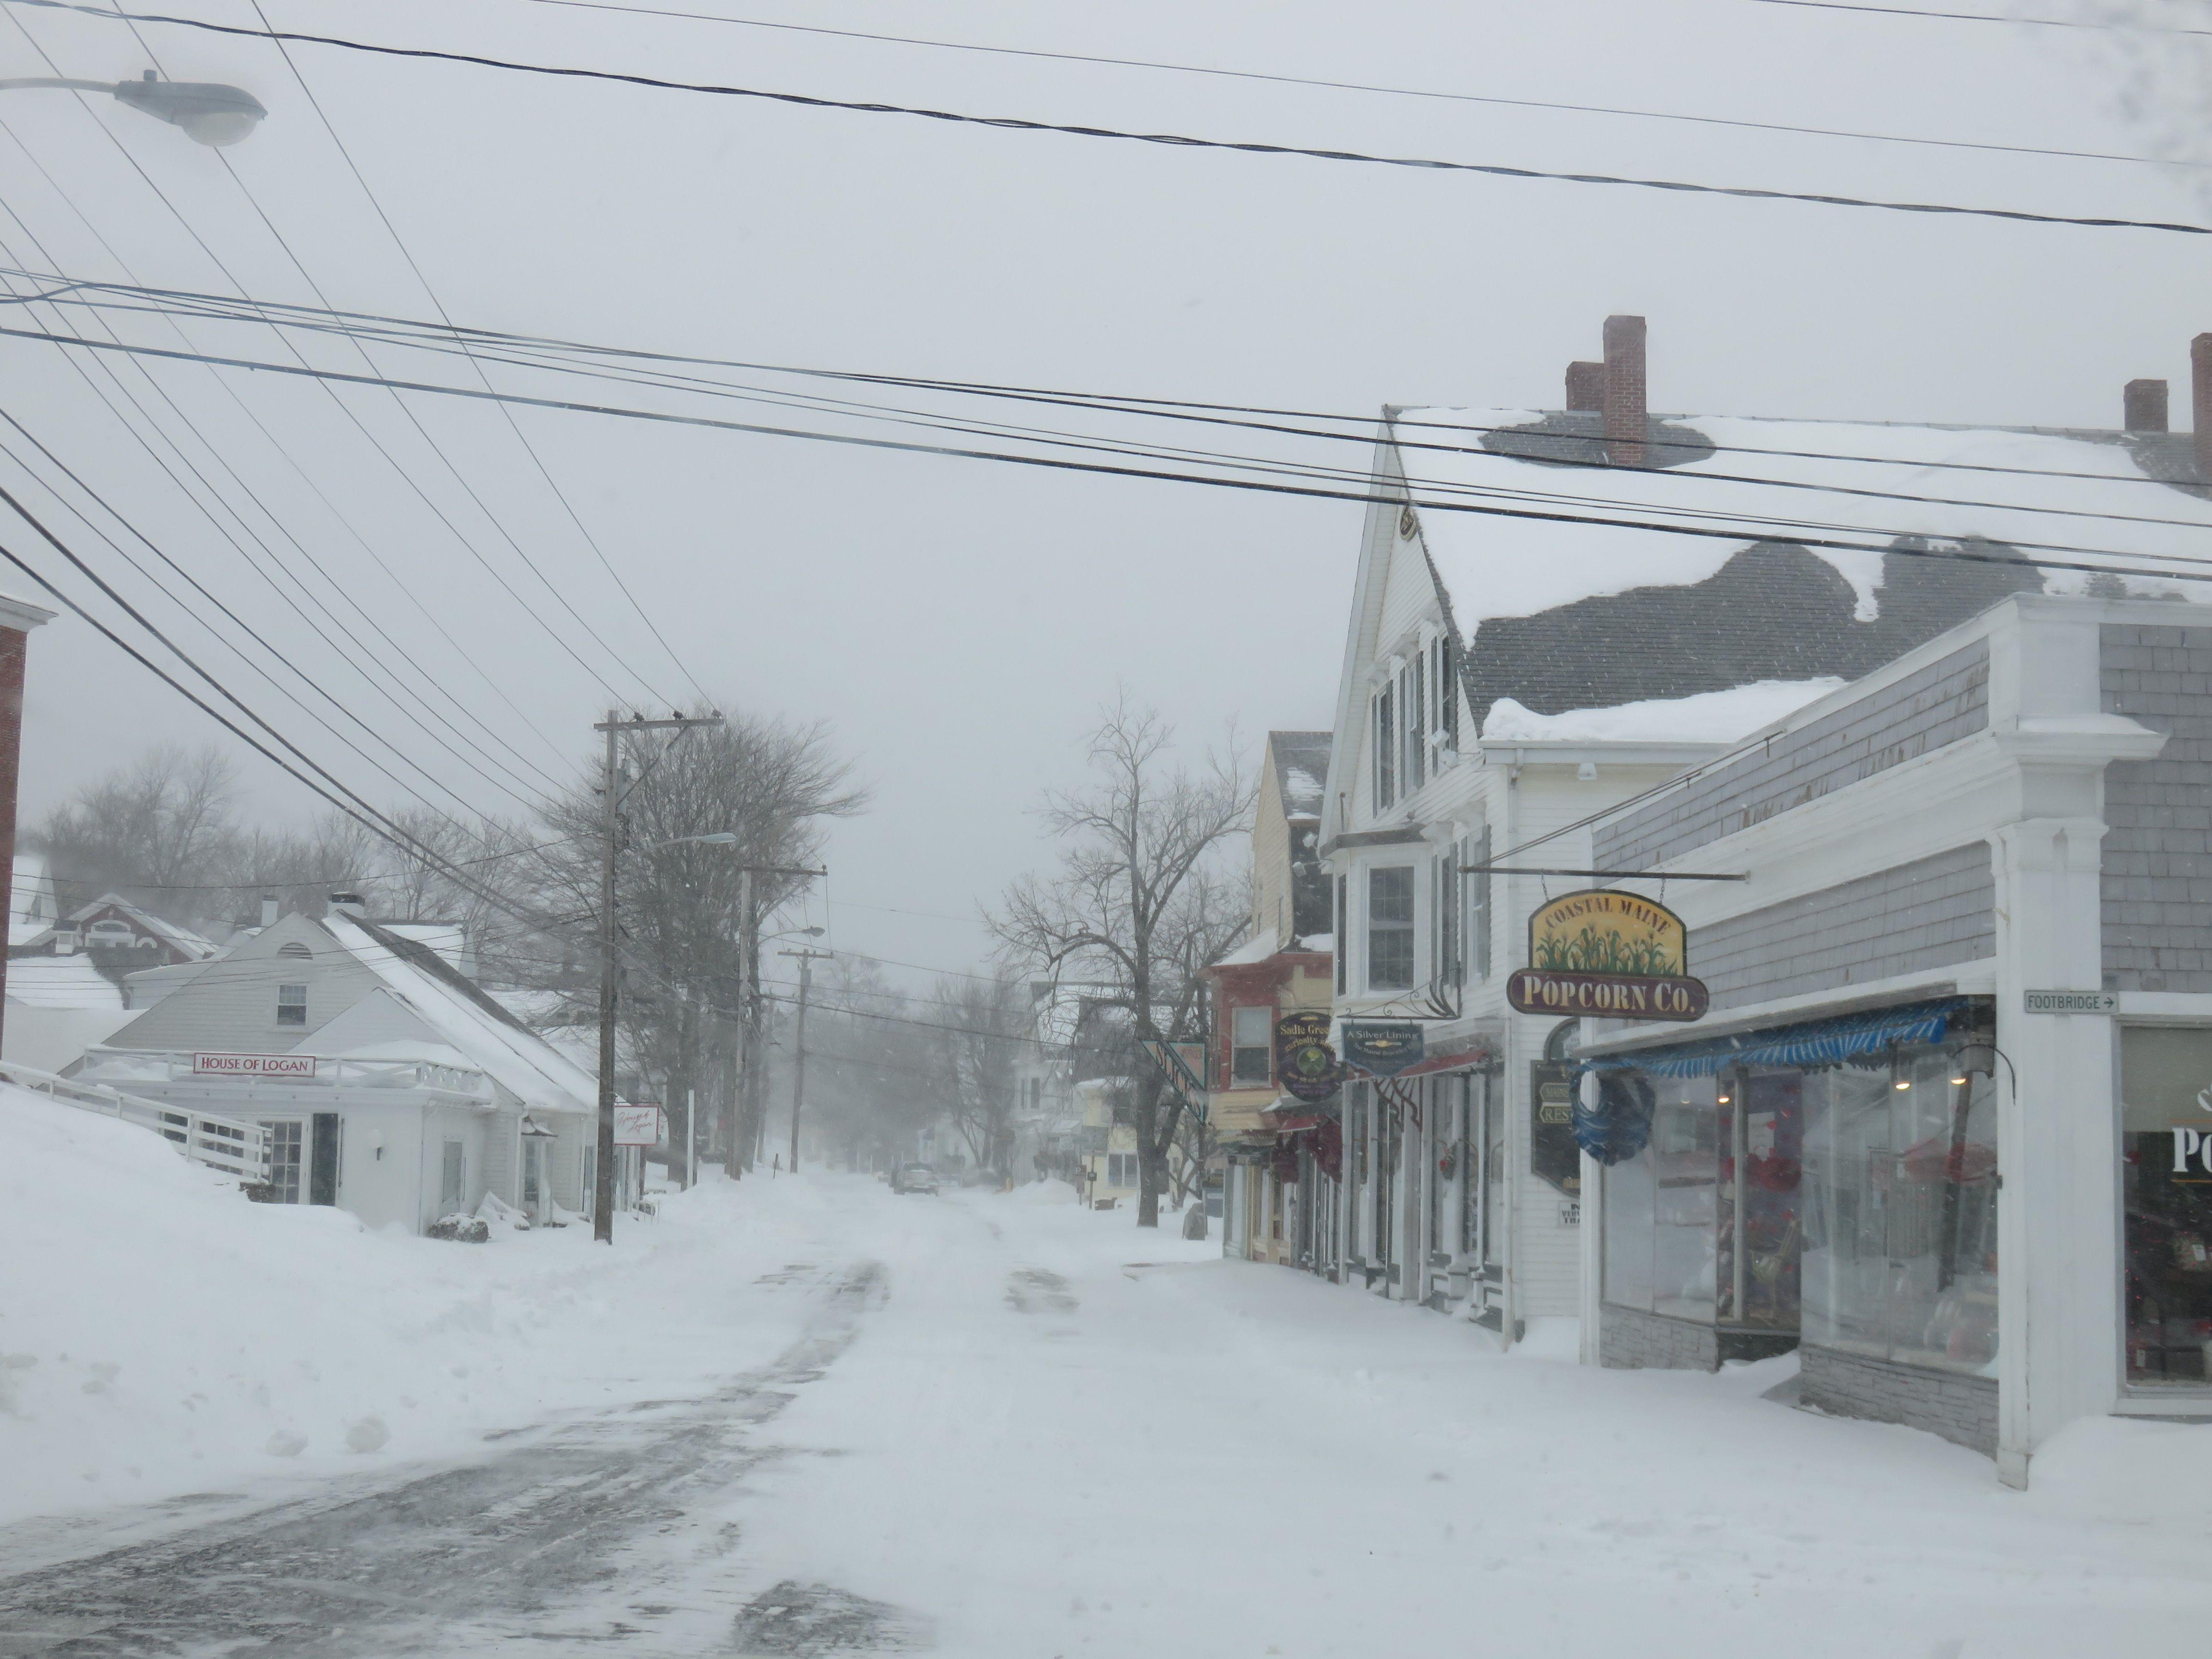 Restaurants Open On Peaks Island In Winter